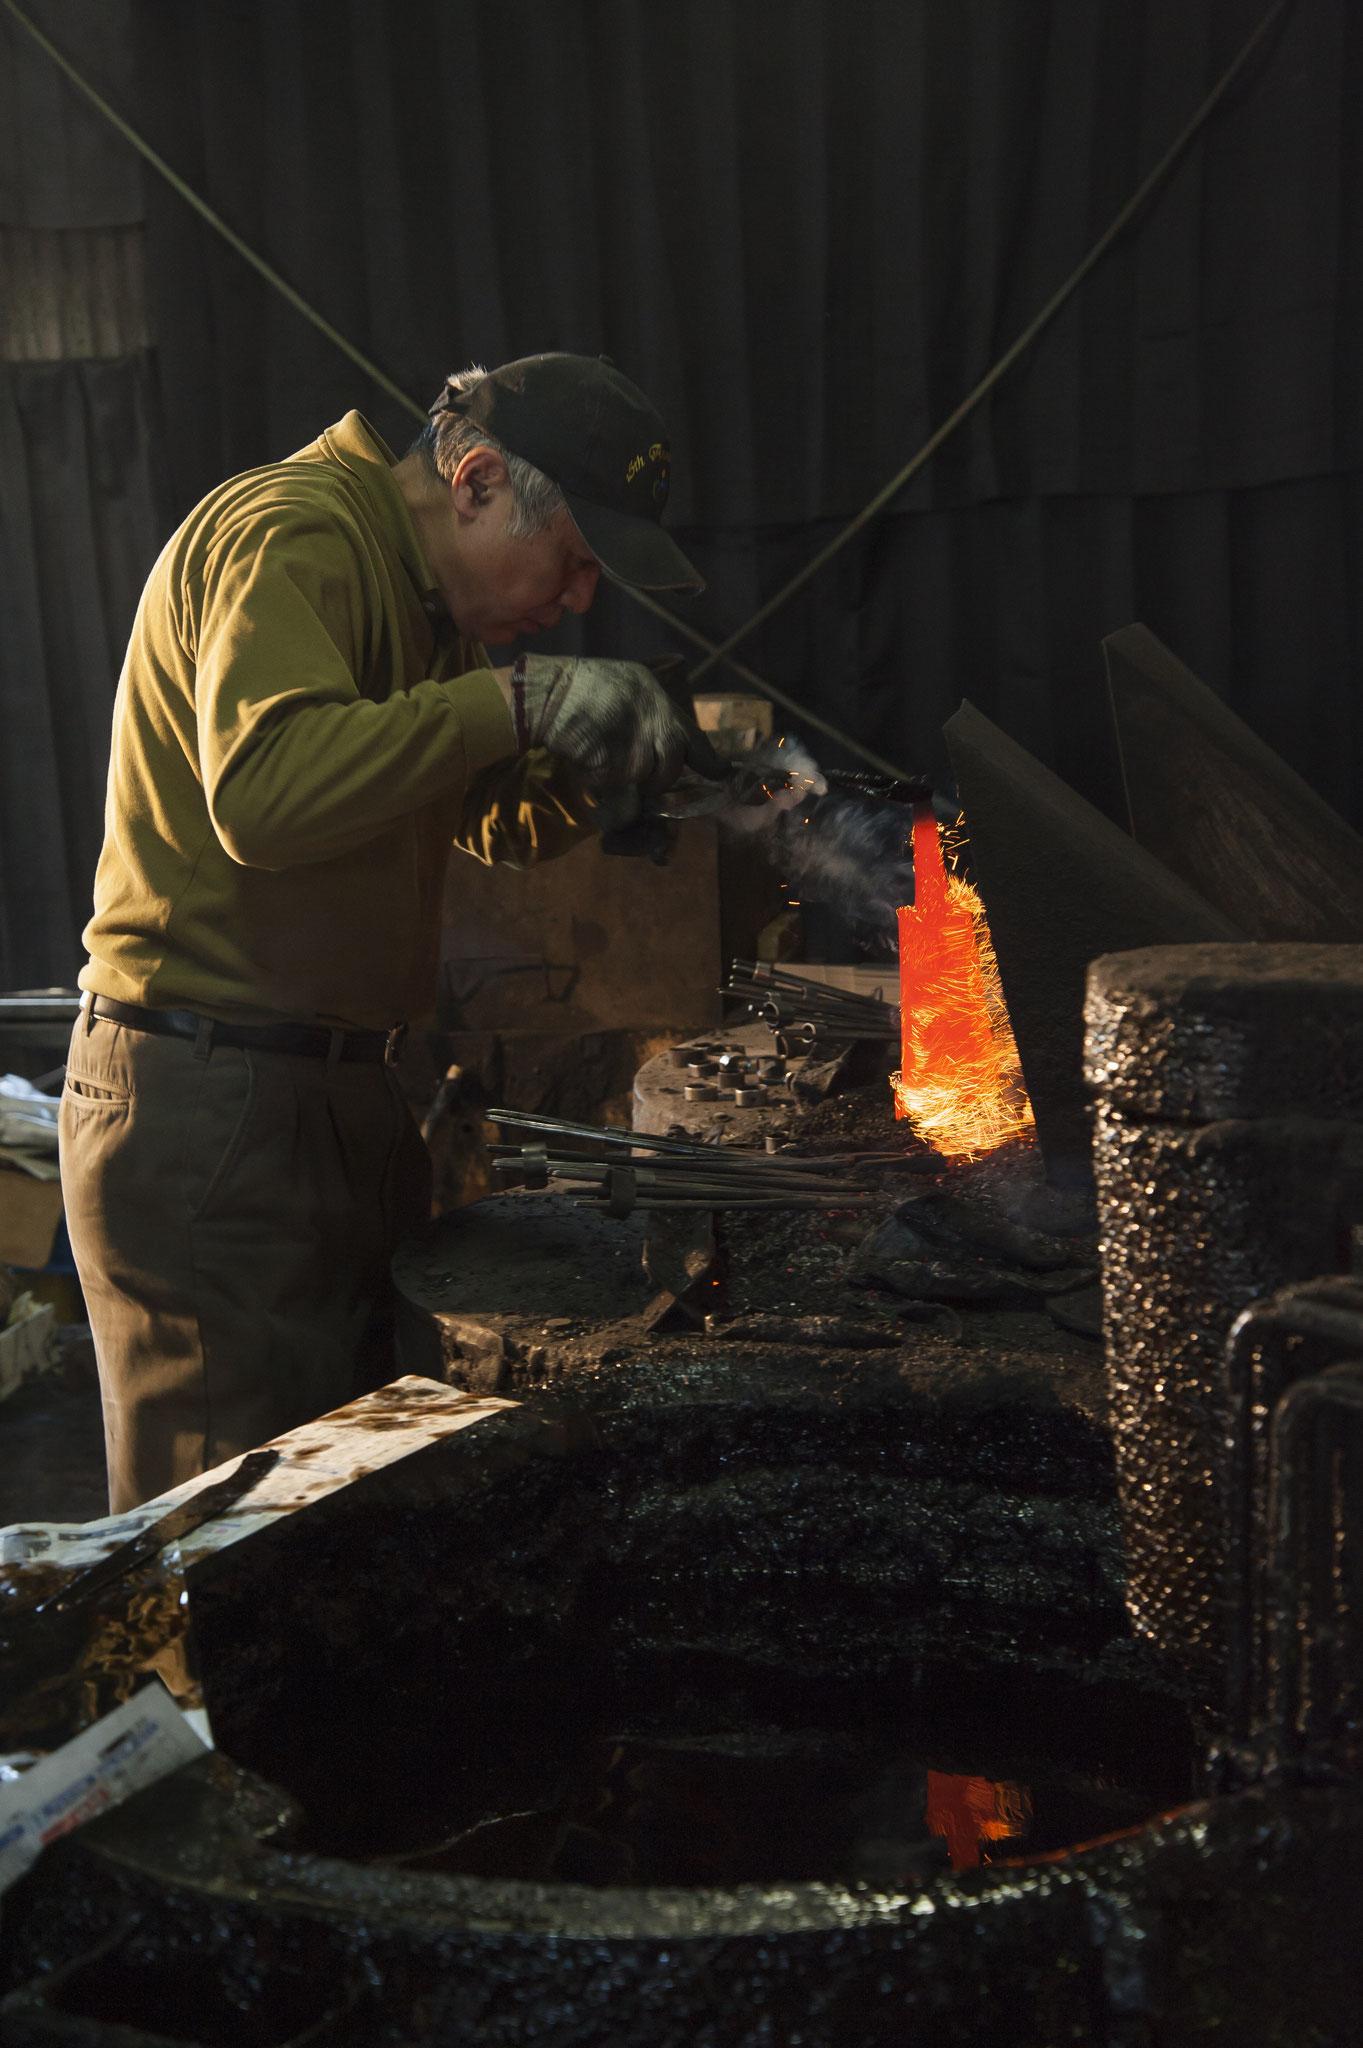 刃物に命を吹き込む焼入れ焼戻し。  徹底した温度管理をするため、一枚一枚手焼入れをしています。